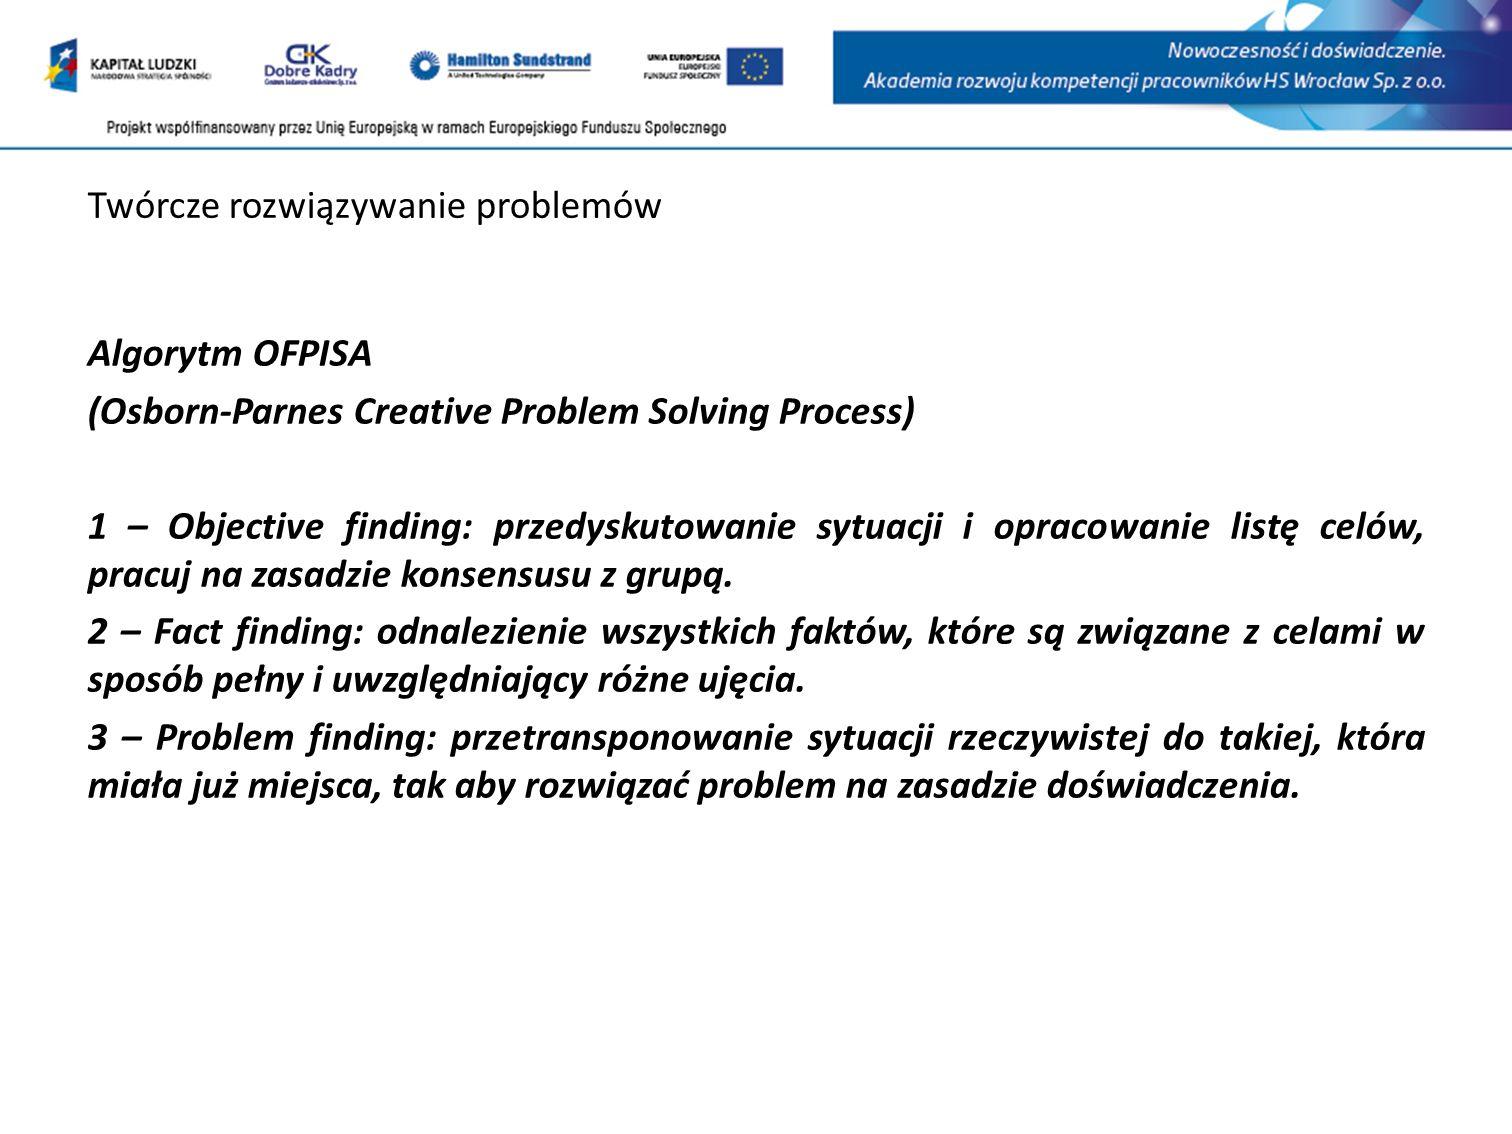 Twórcze rozwiązywanie problemów Algorytm OFPISA (Osborn-Parnes Creative Problem Solving Process) 1 – Objective finding: przedyskutowanie sytuacji i opracowanie listę celów, pracuj na zasadzie konsensusu z grupą.